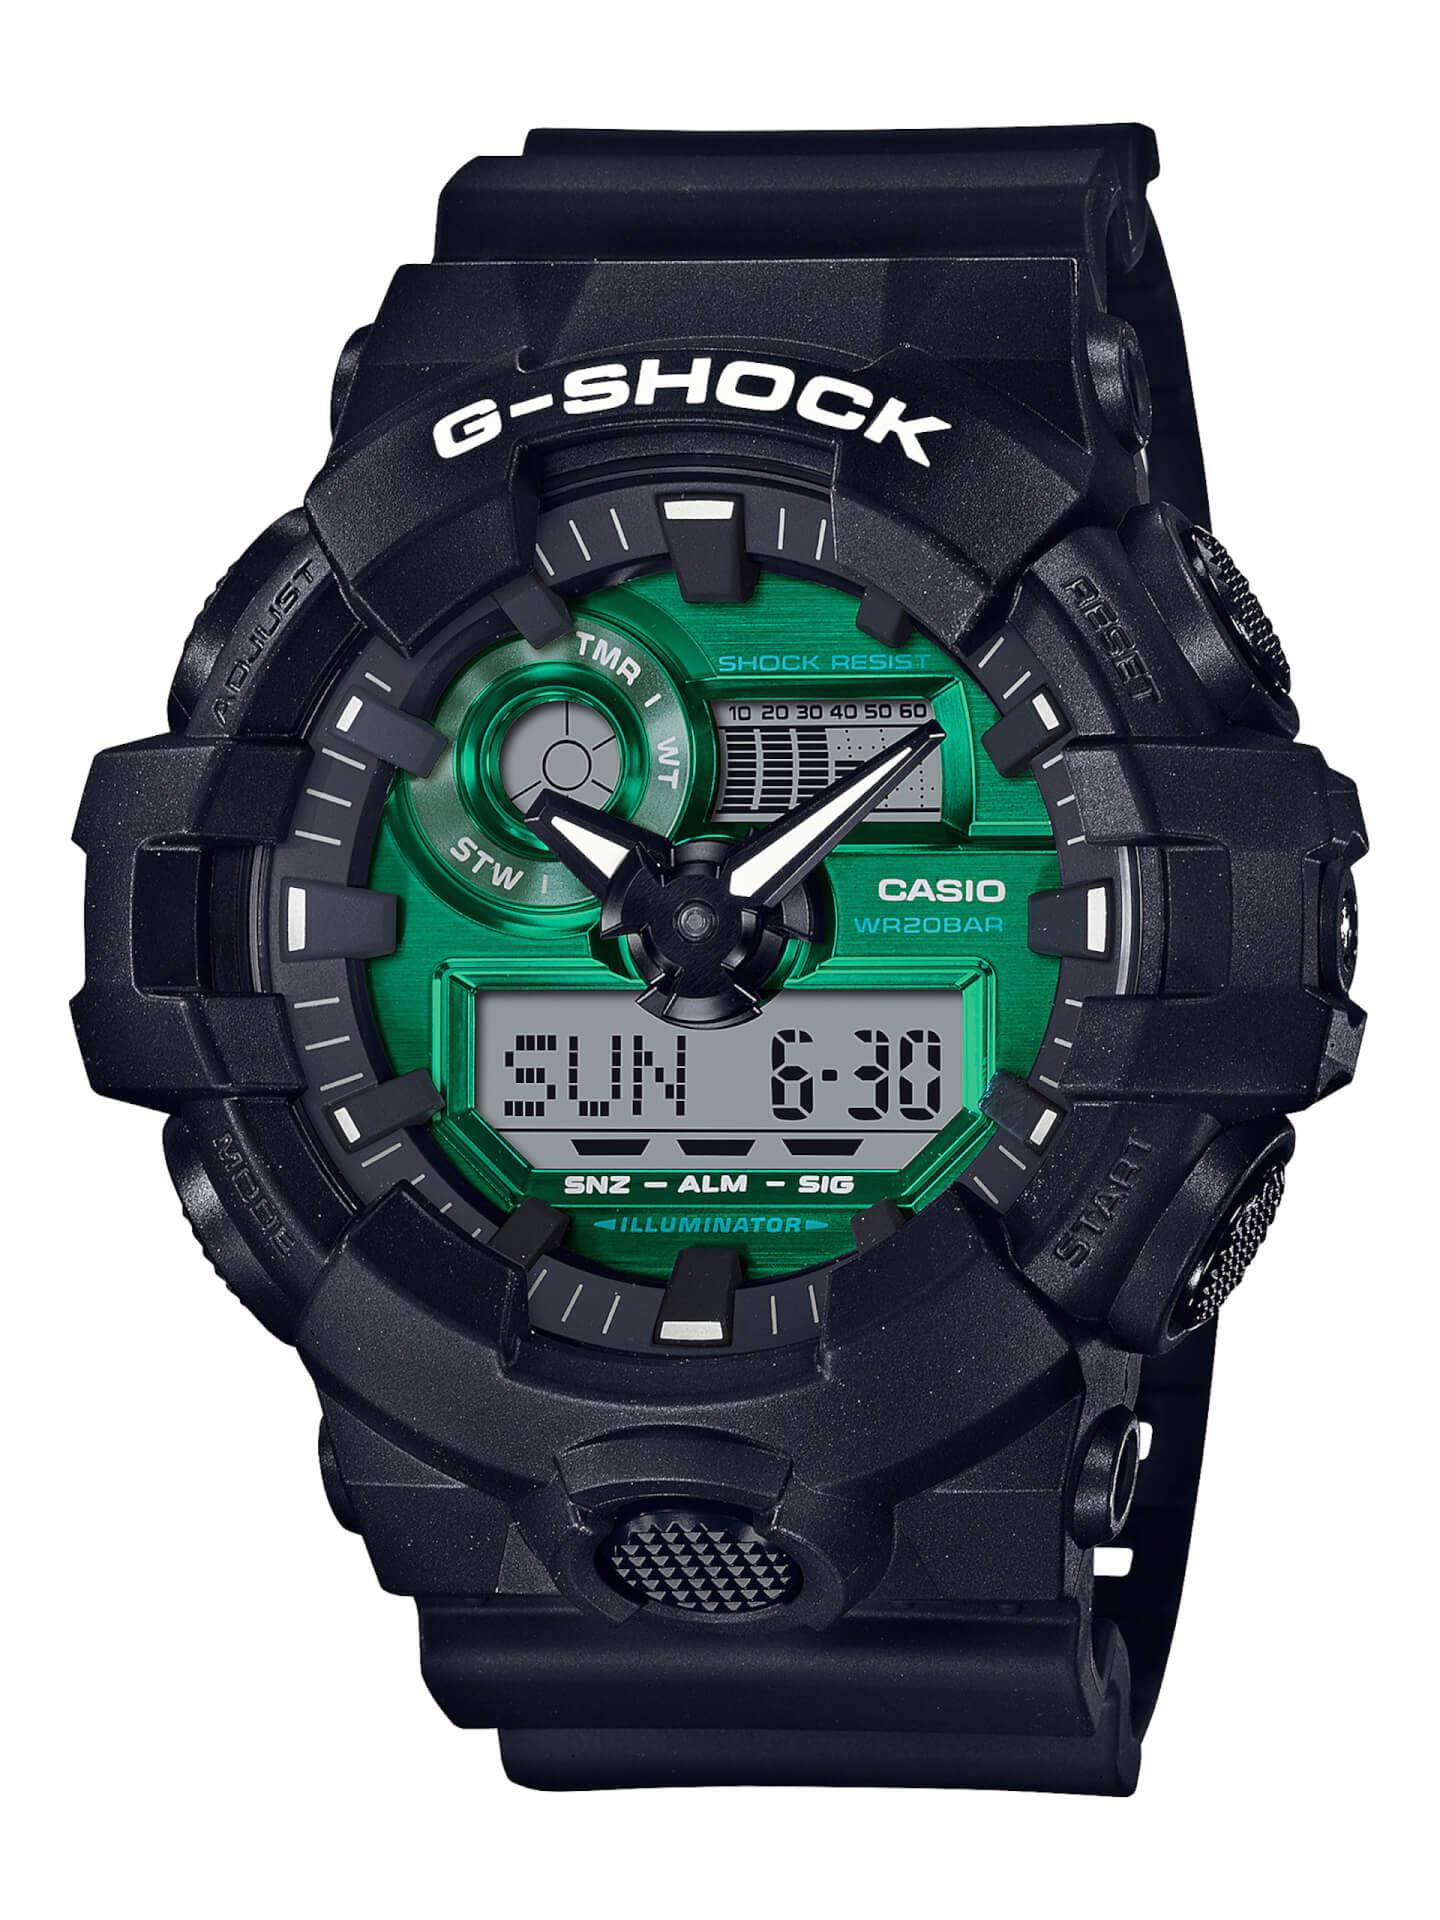 ブラック×グリーンが映えるG-SHOCKの新シリーズ「Black and Green Series」が登場! tech210415_gshock_4